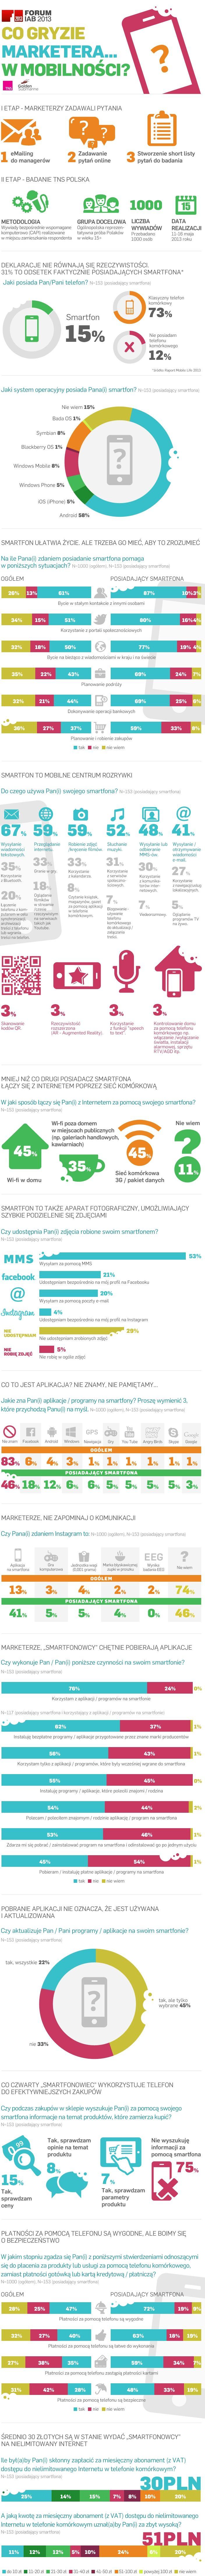 Infografika IAB: Co gryzie marketerów w mobilności? http://www.smsapi.pl/blog/raporty-i-analizy/co-gryzie-marketerow-w-mobilnosci/